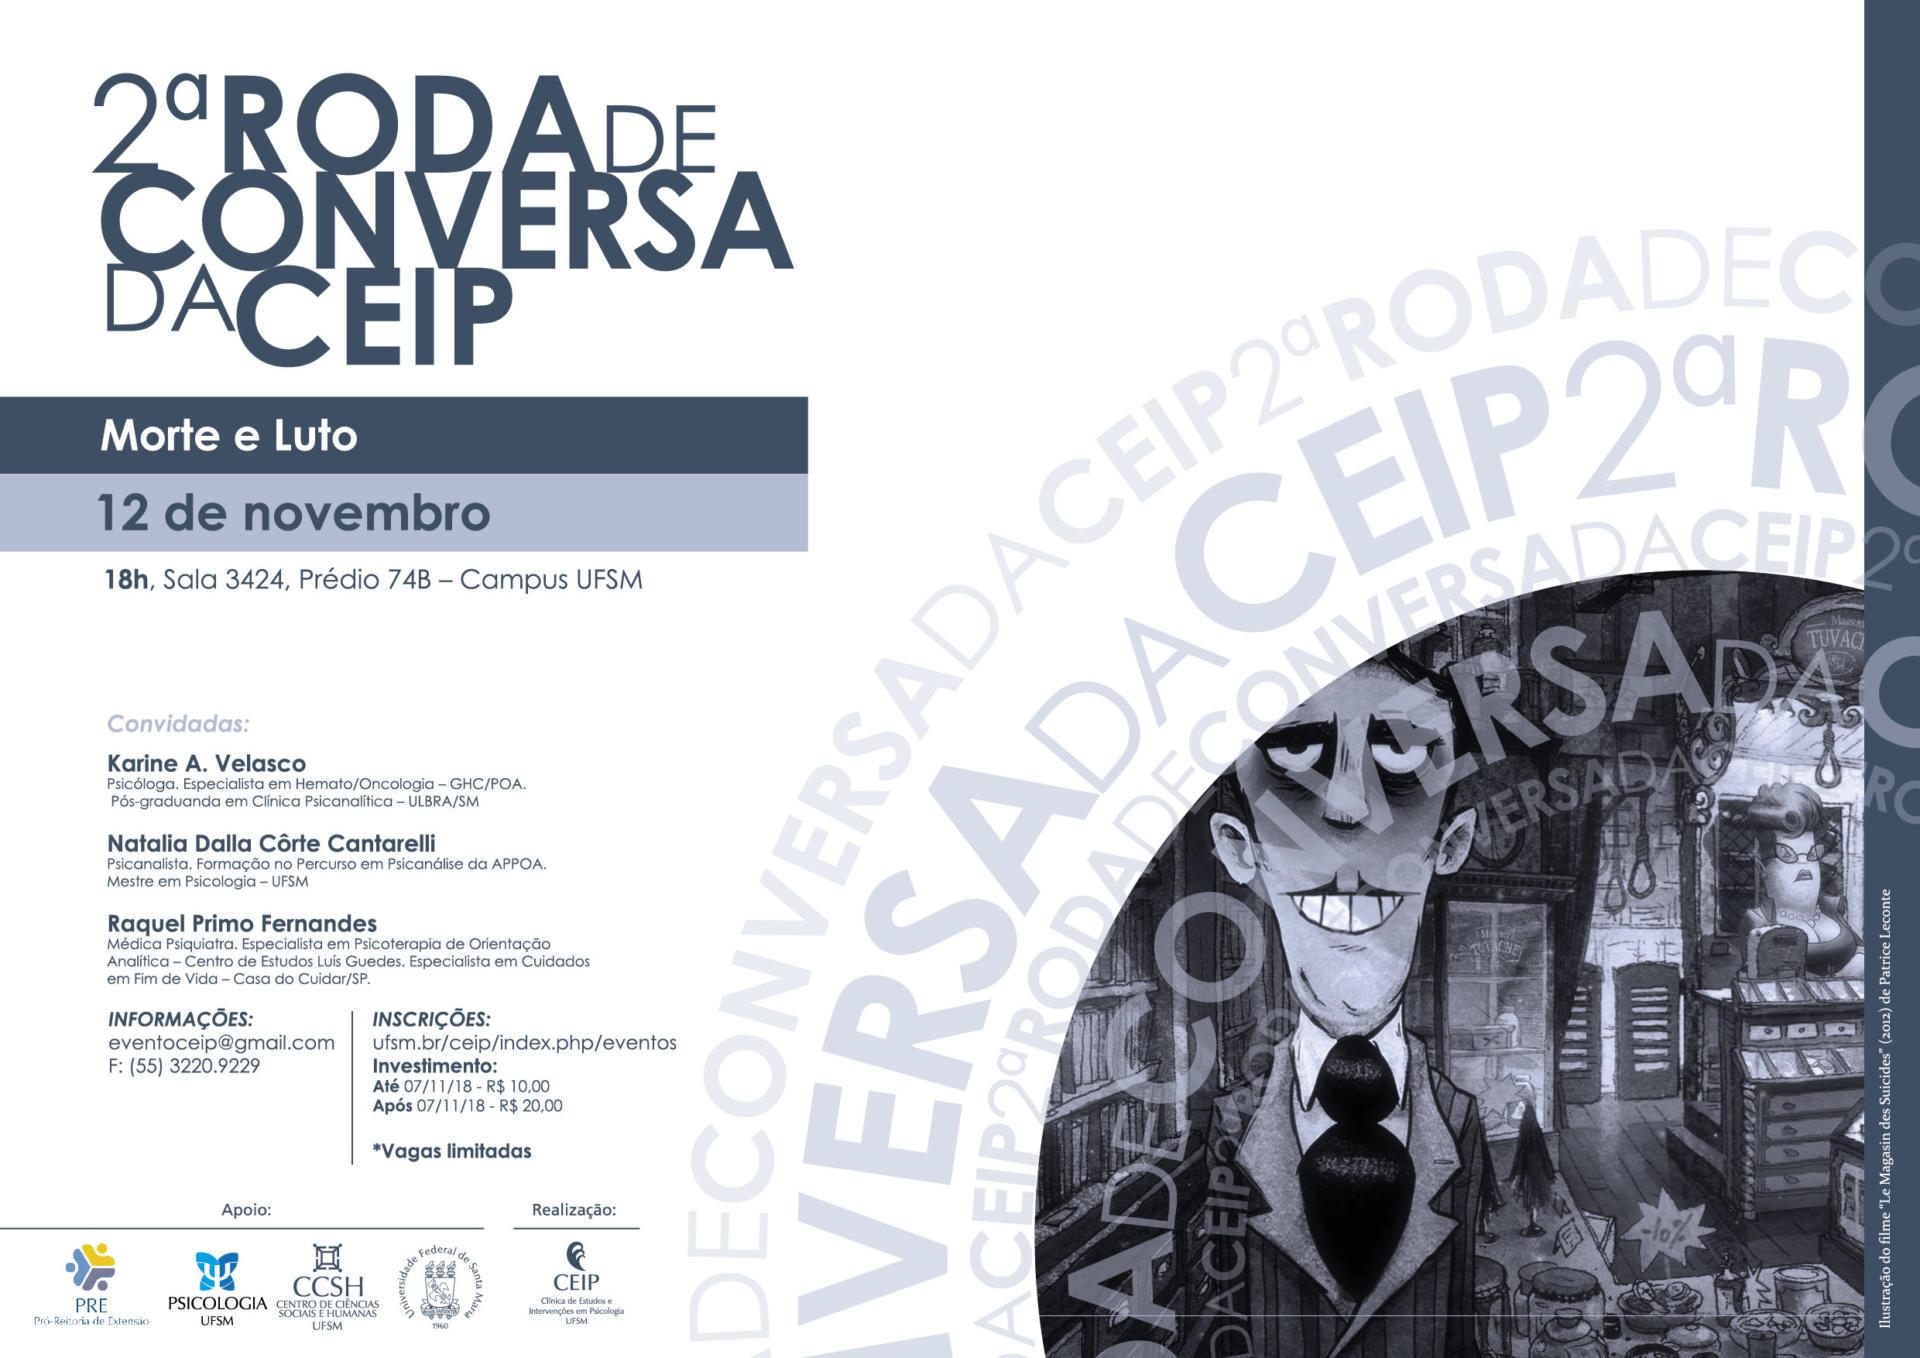 Arte em preto e branco com informações sobre o evento e nome dos palestrantes